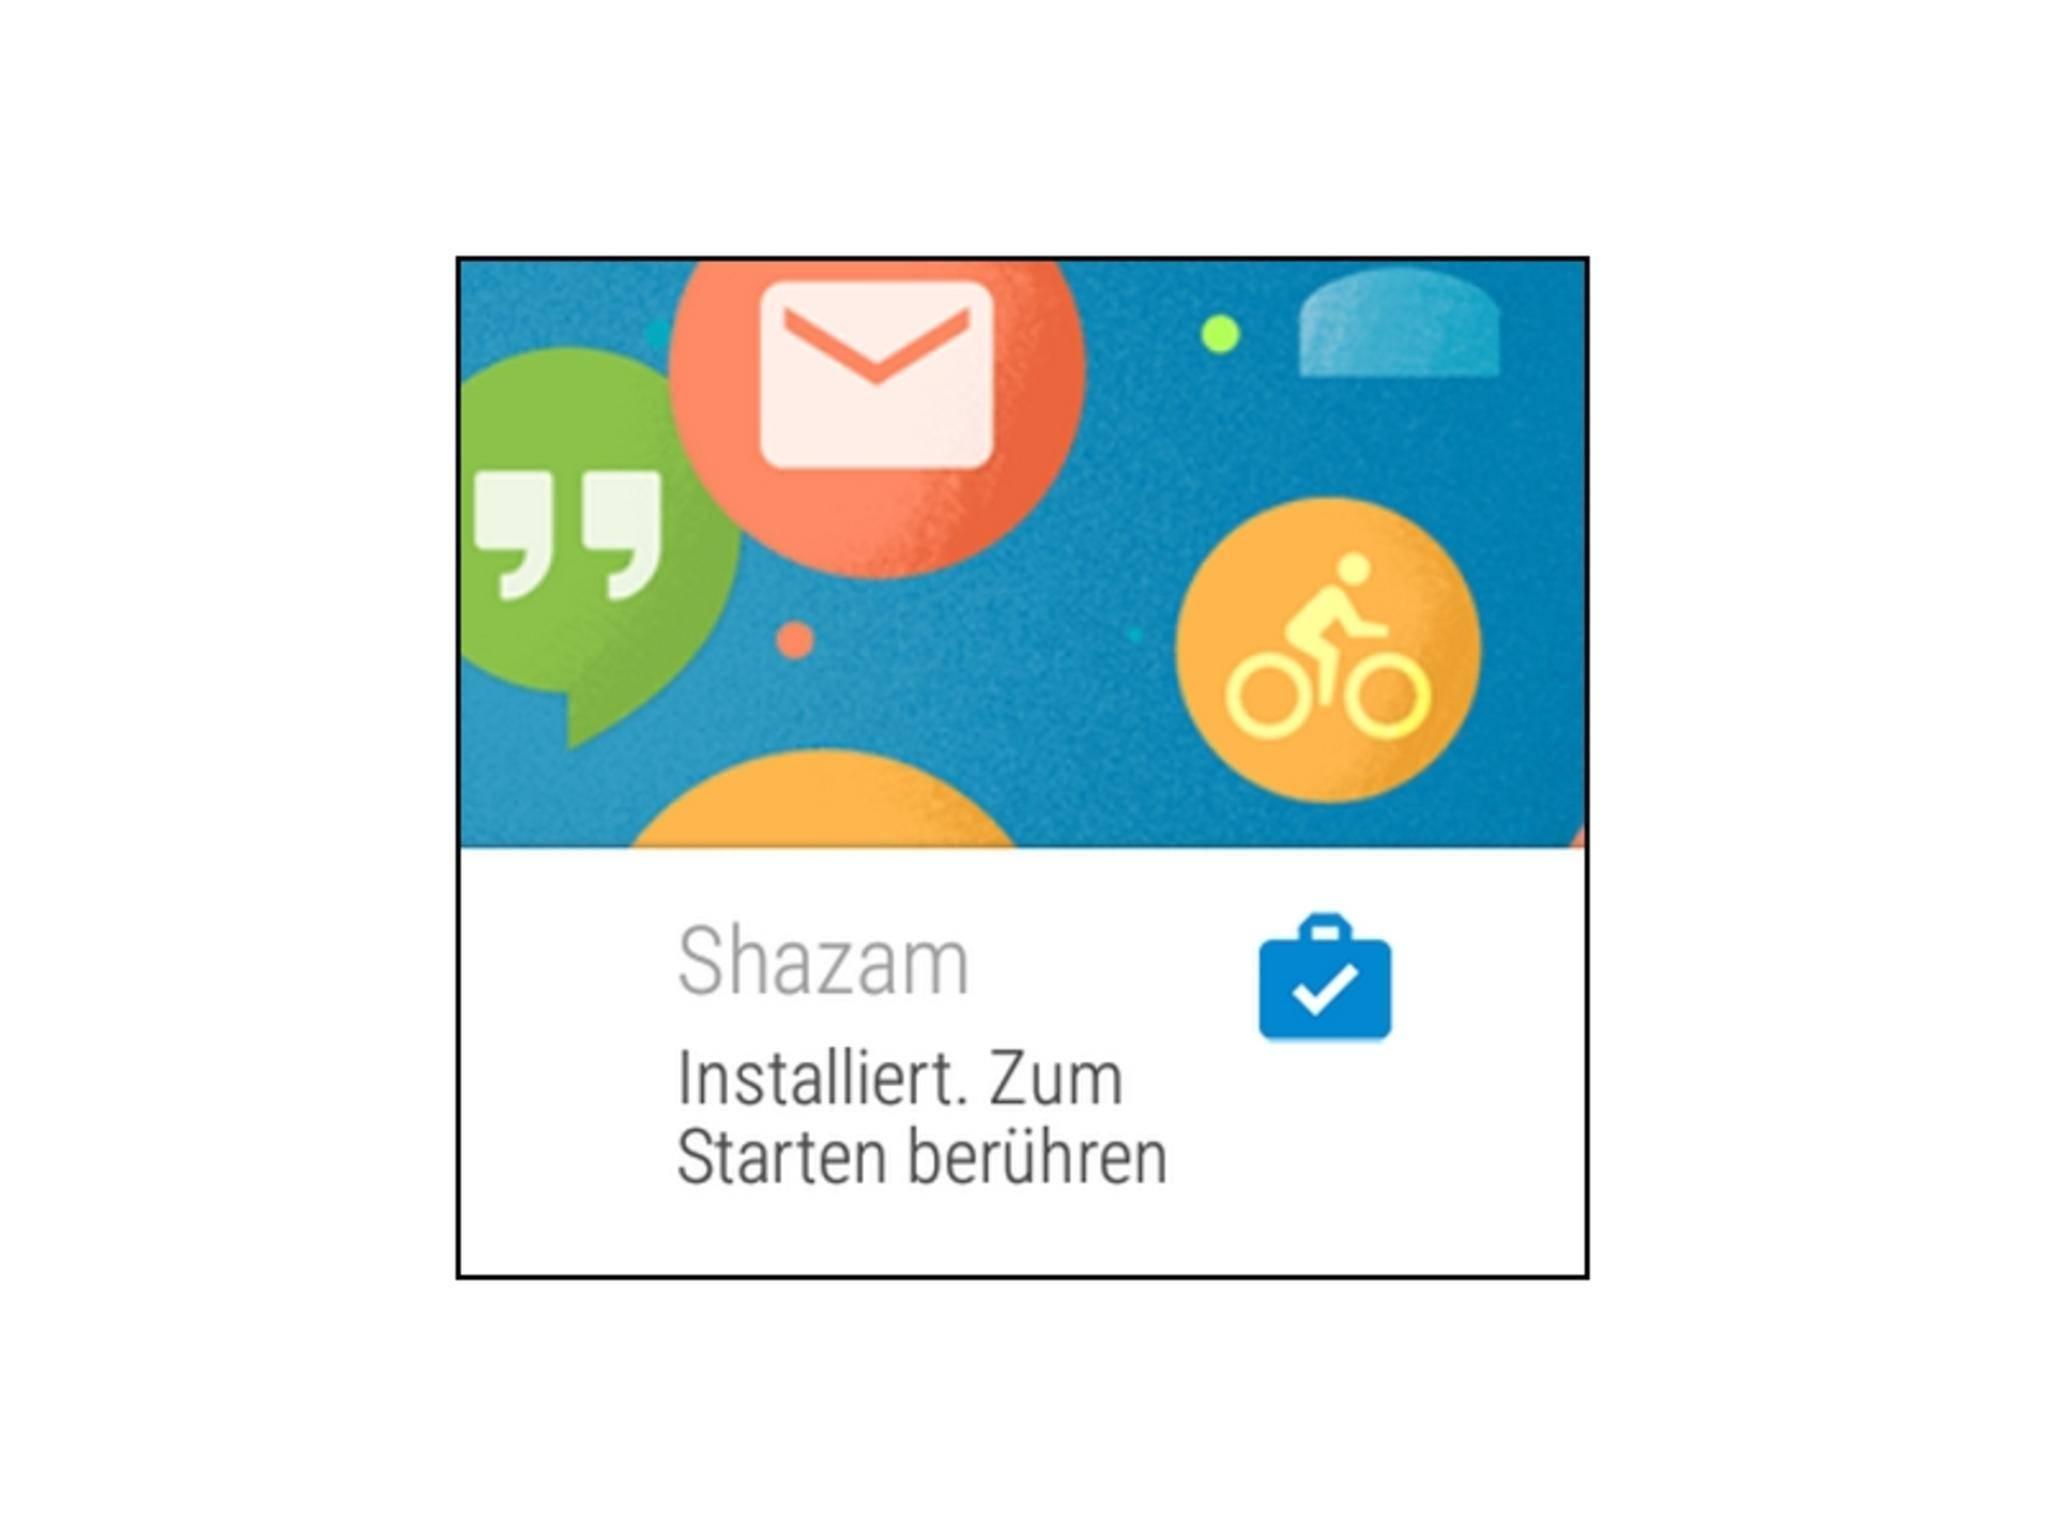 Nach der erfolgreichen Installation erscheint eine Nachricht auf der Smartwatch.